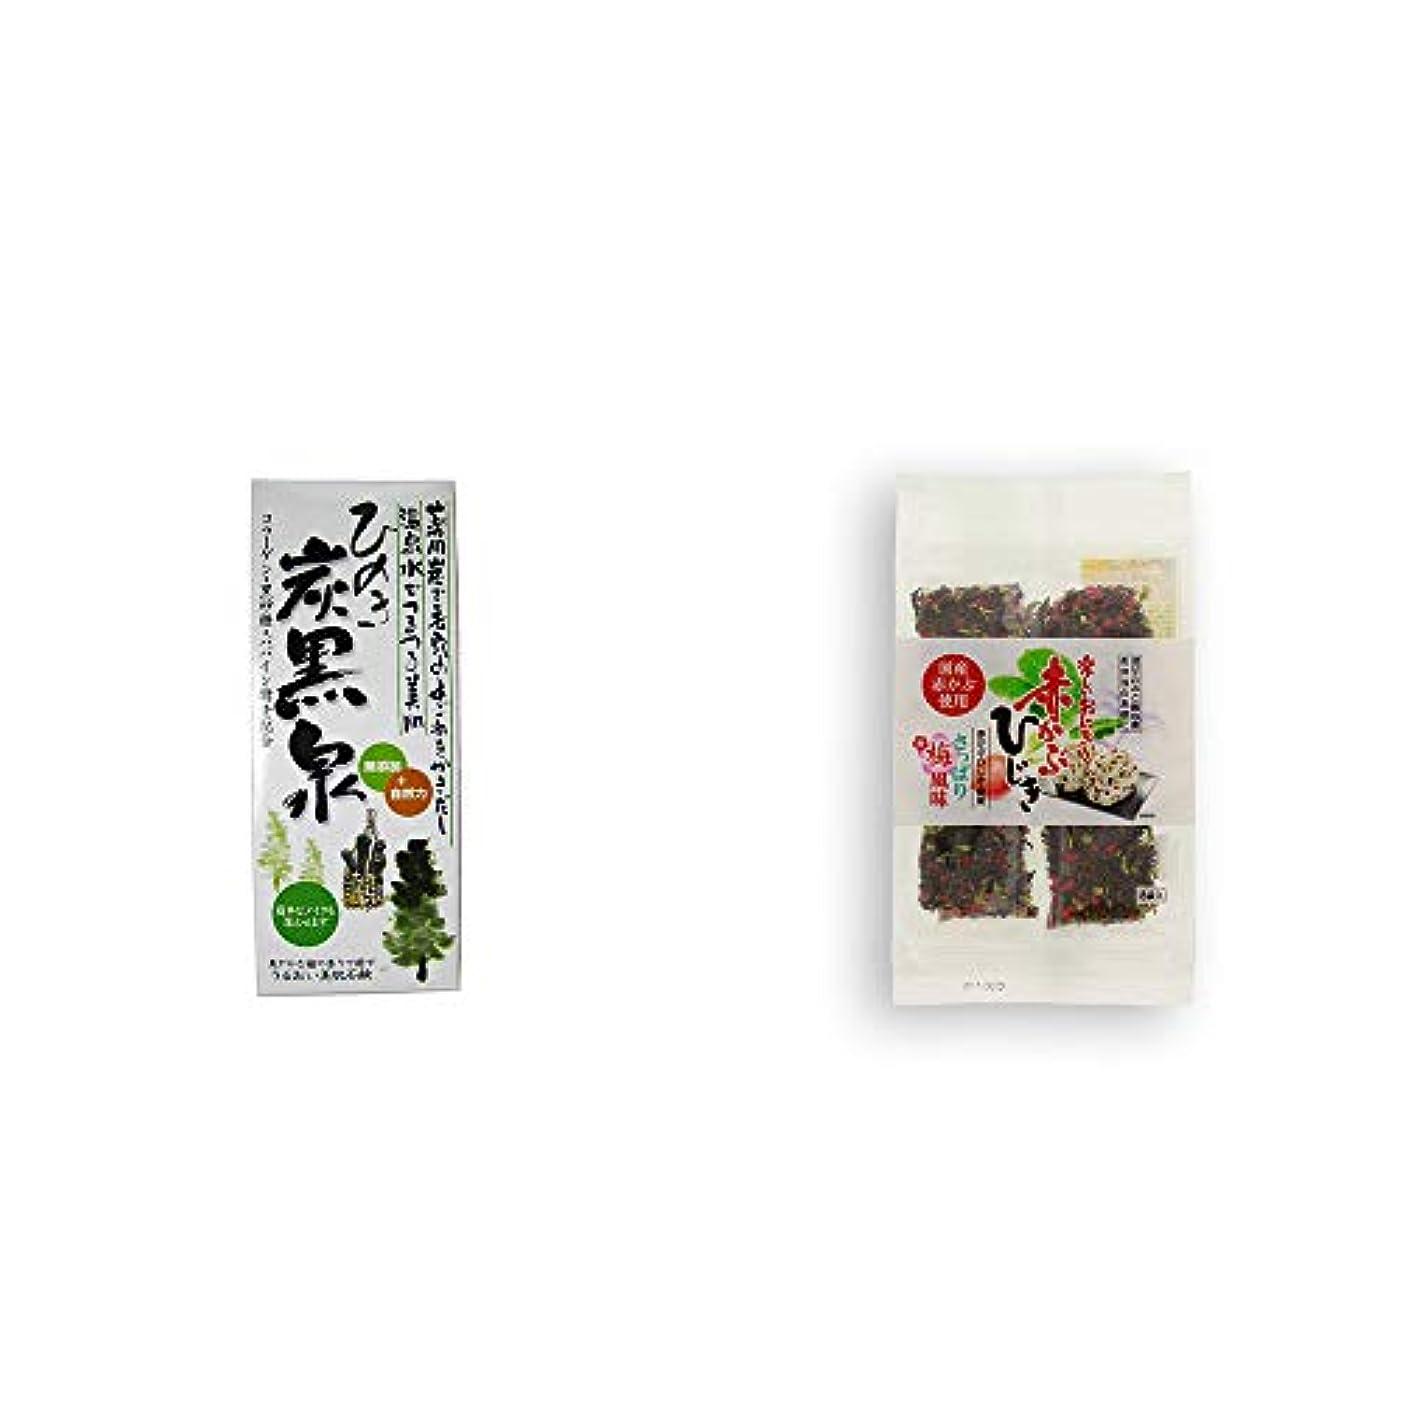 ピックどこにも噴出する[2点セット] ひのき炭黒泉 箱入り(75g×3)?楽しいおにぎり 赤かぶひじき(8g×8袋)